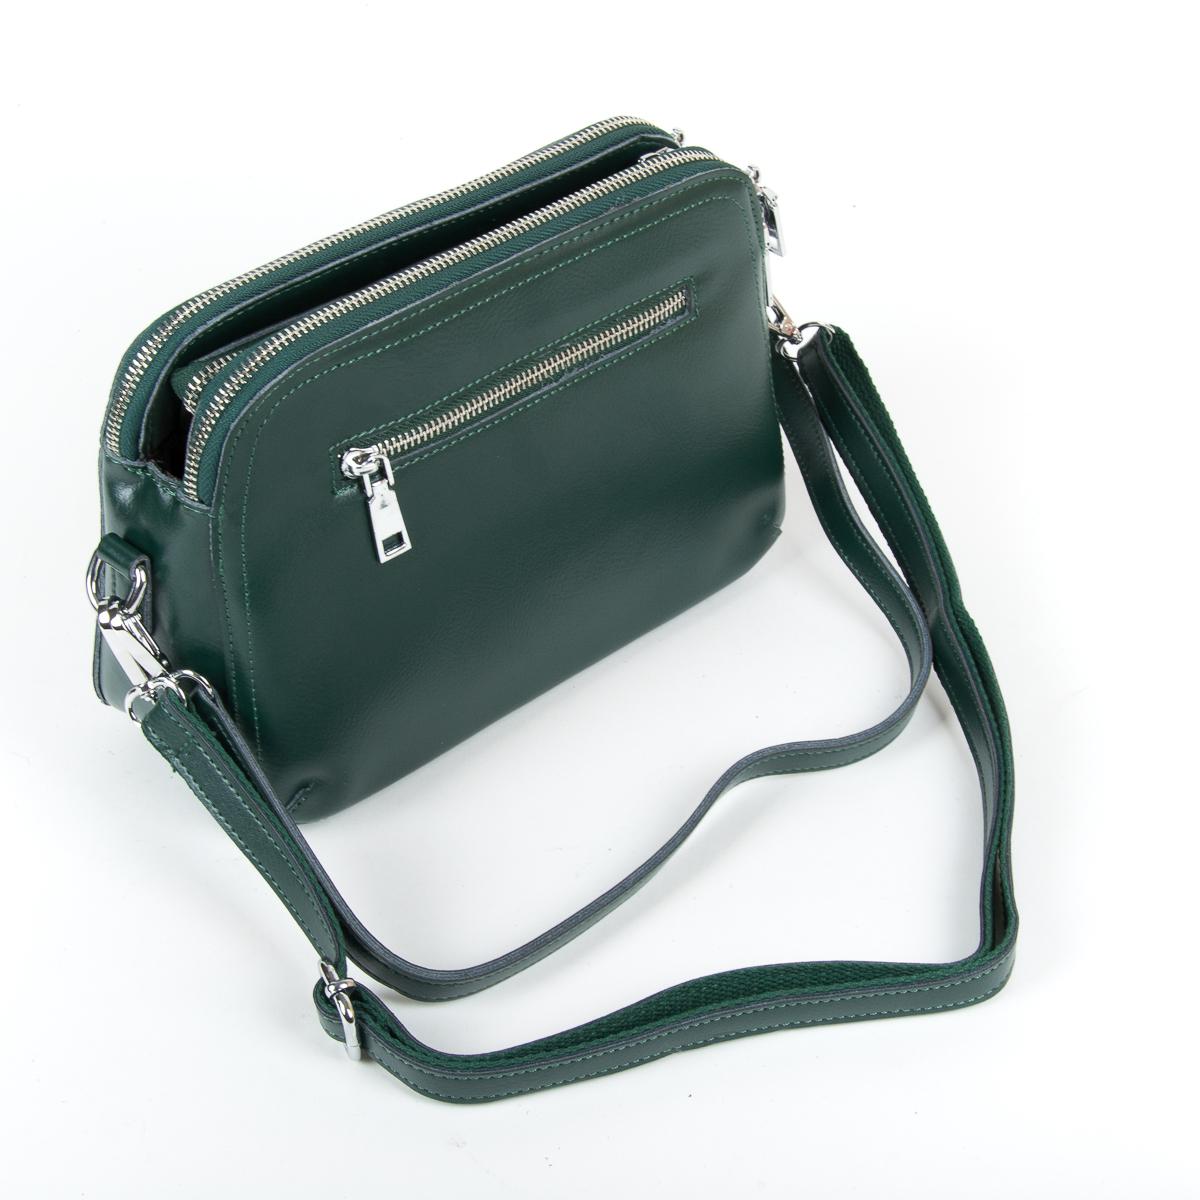 Сумка Женская Клатч кожа ALEX RAI 9-01 8725 green - фото 4